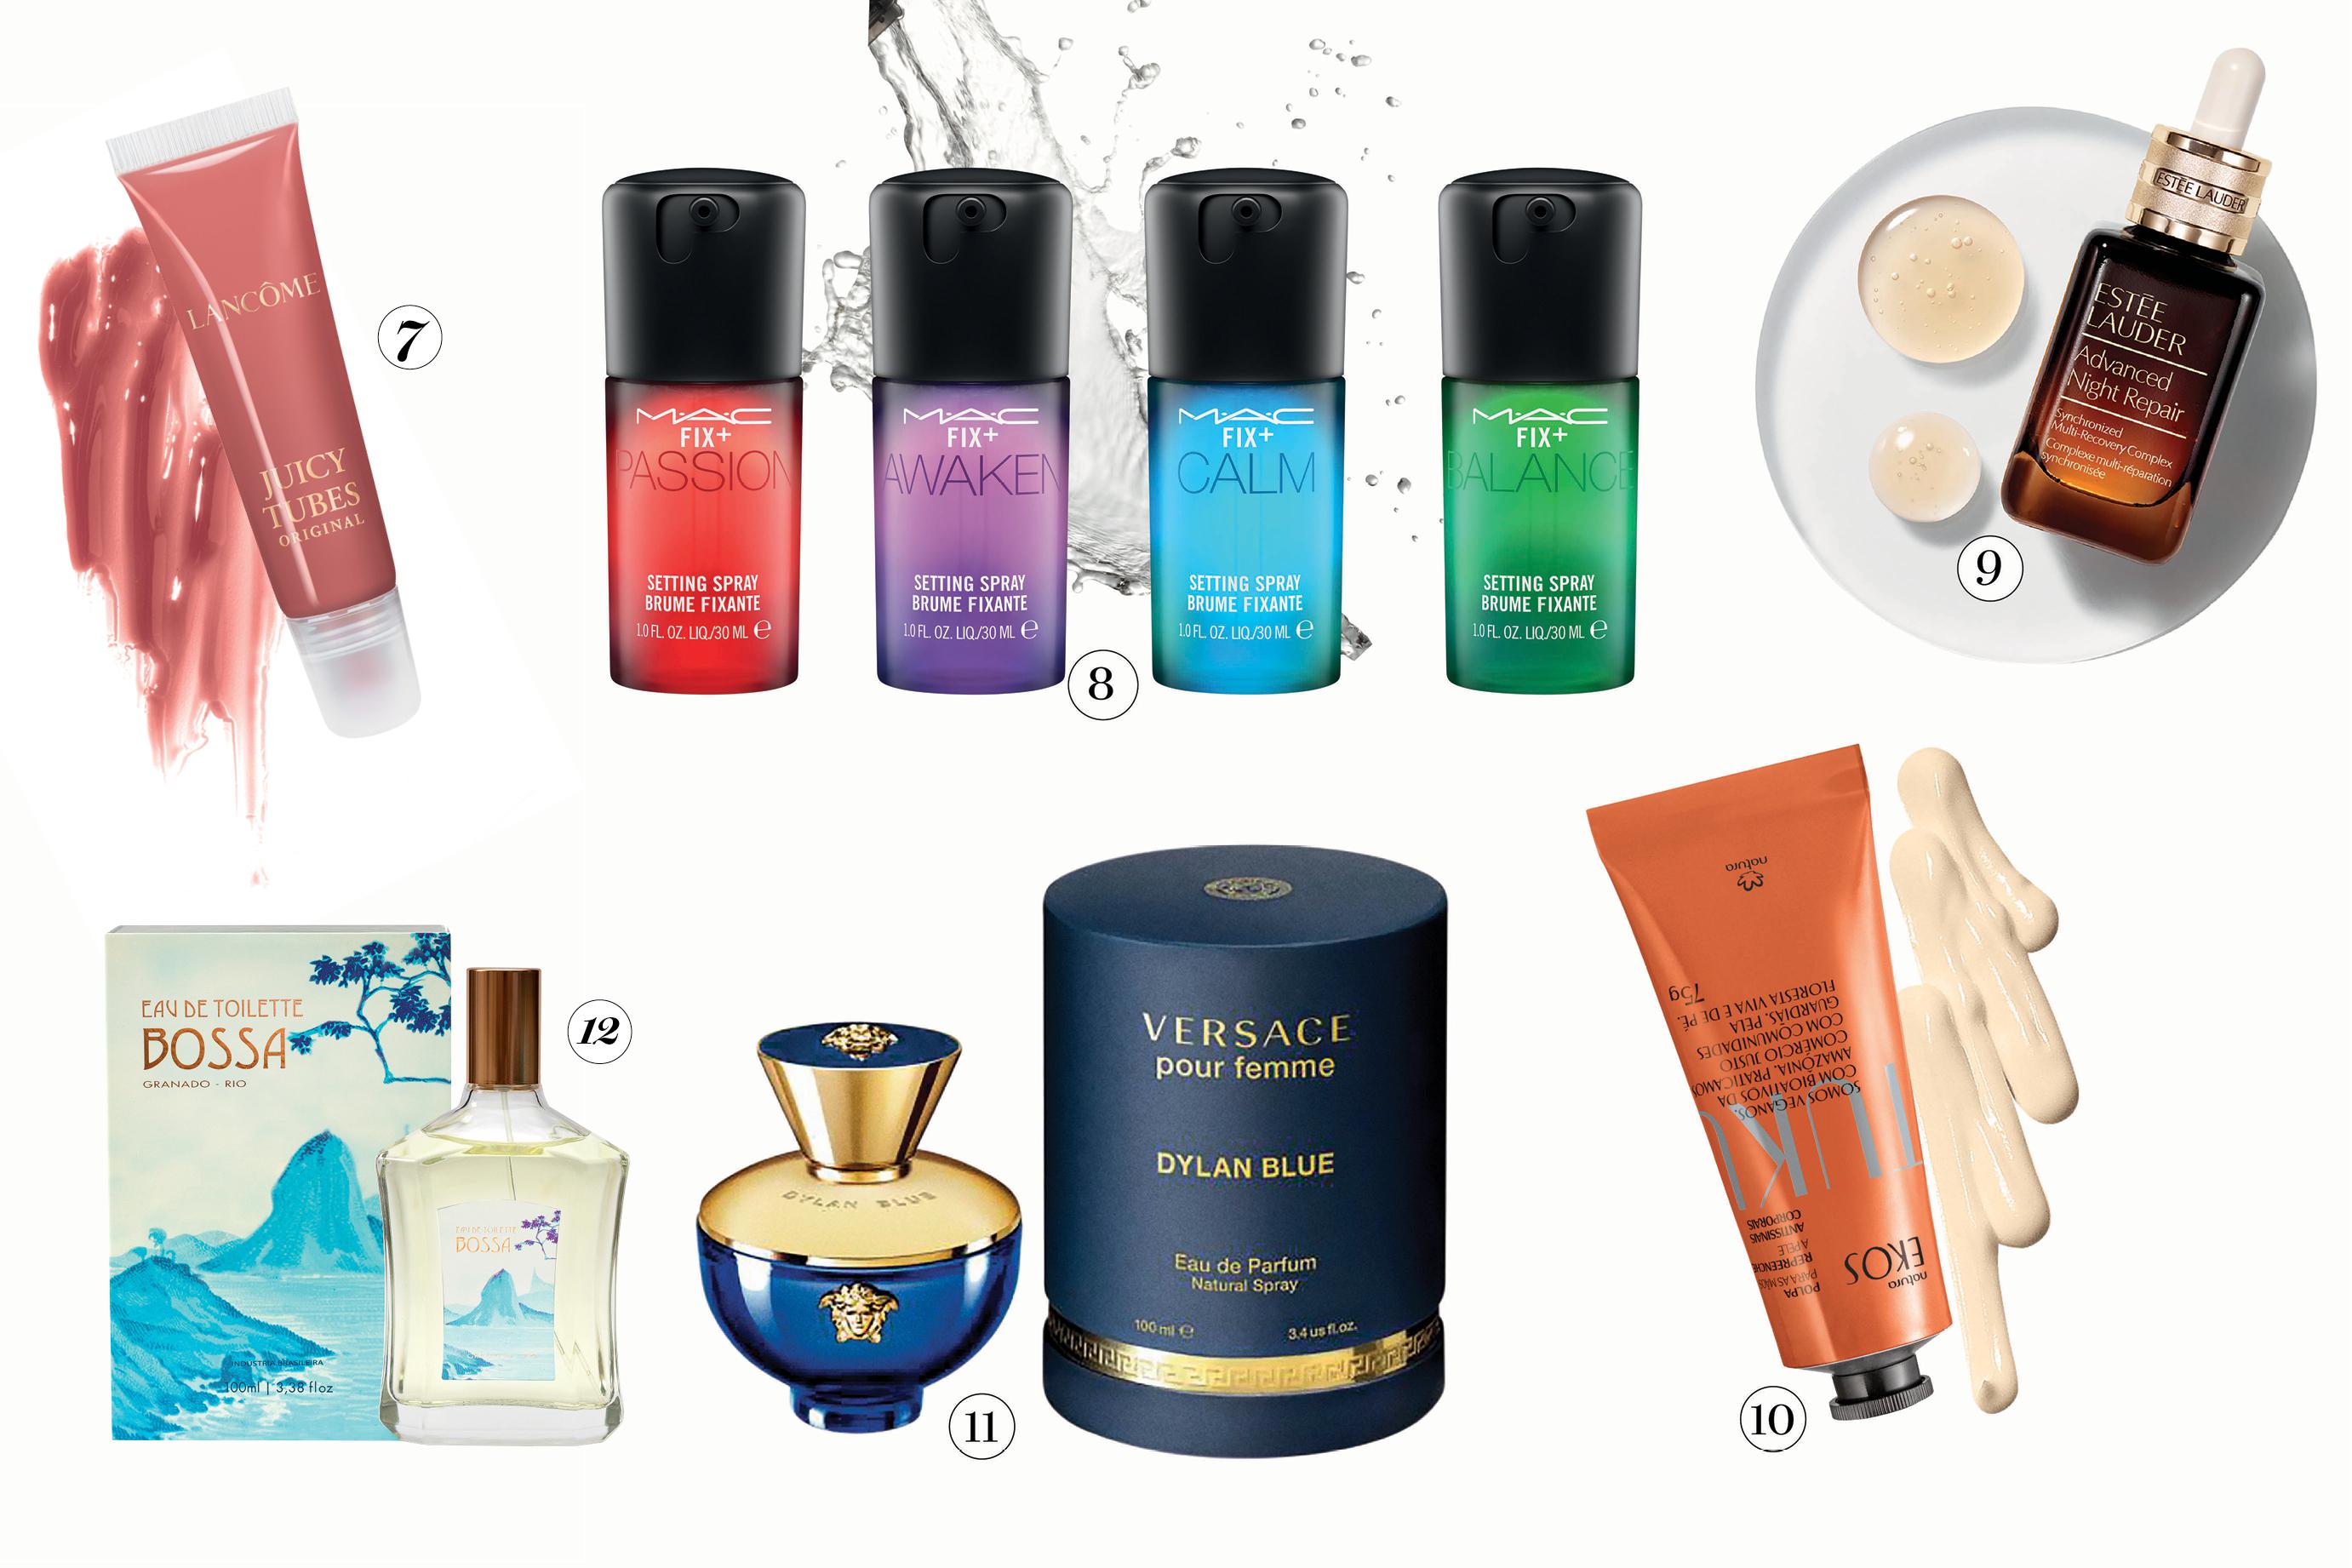 Produtos de beleza como perfume, batom, cremes